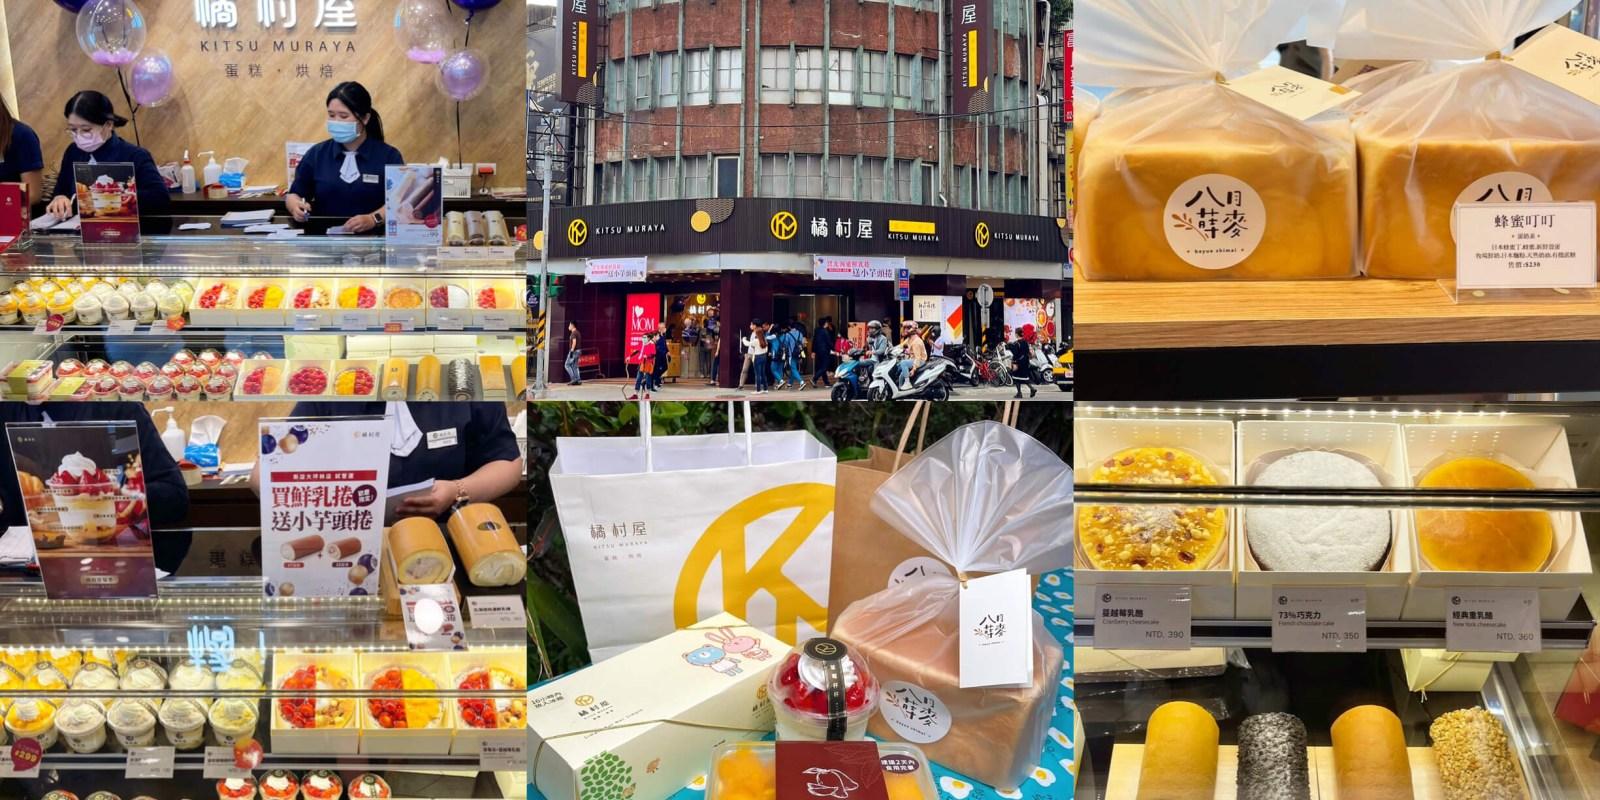 [新店美食] 超人氣的橘村屋蛋糕+台灣純生吐司在新店大坪林新開幕!還有買一送一限時三天!